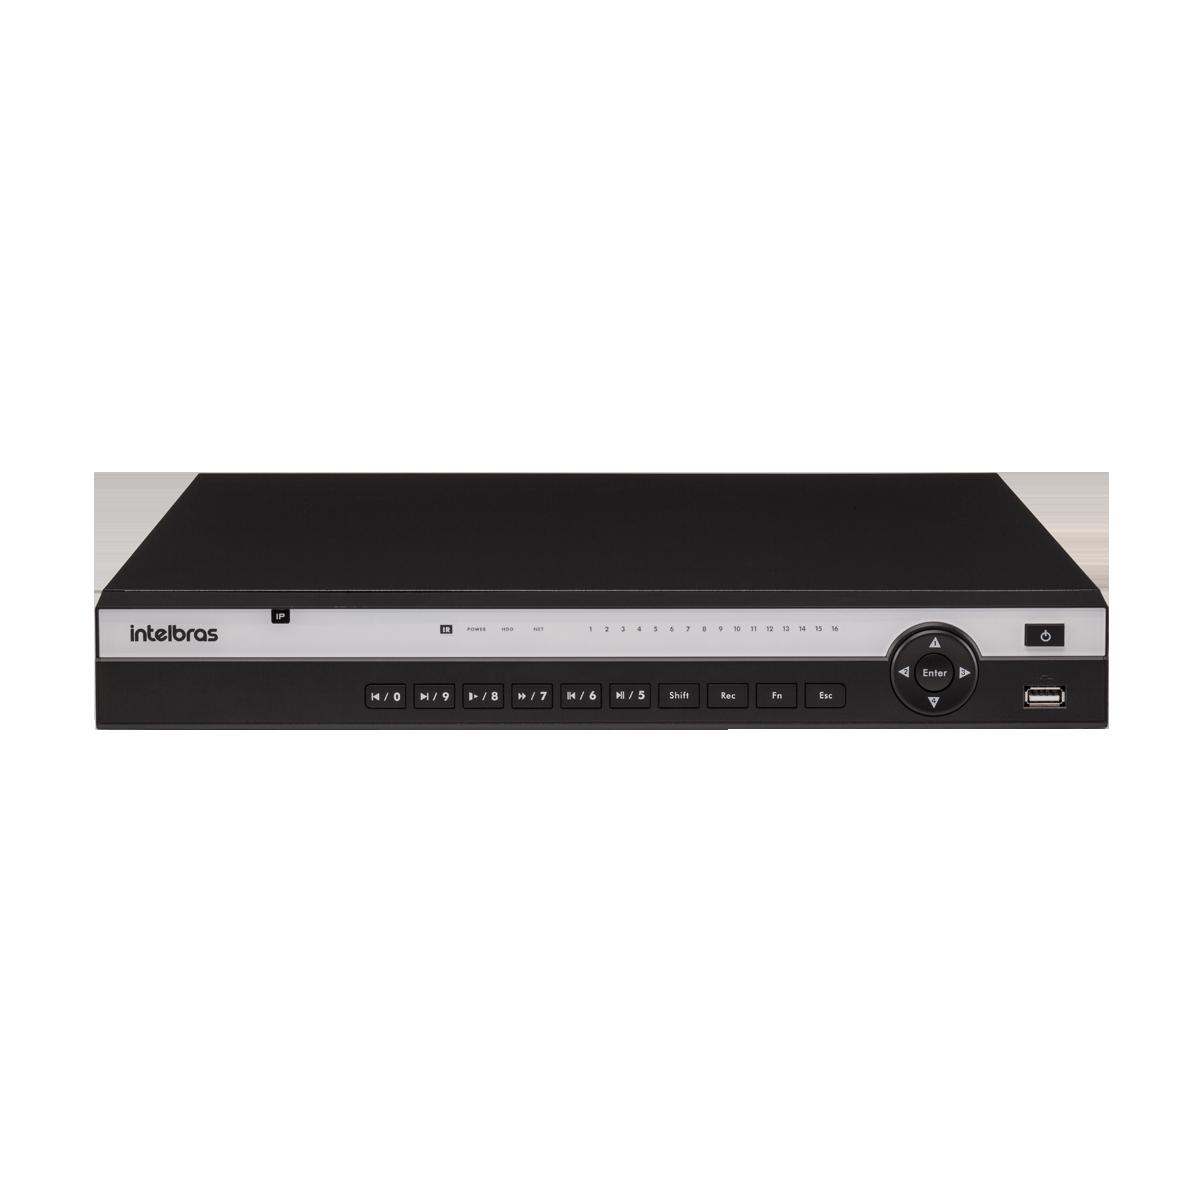 NVD 1316 C/ HD 8TB - GRAV. DIG. DE VÍDEO EM REDE PARA ATÉ 16 CANAIS IP, H.265, SUPORTA RESOLUÇÃO ATÉ 8MP, HD de 8TB instalado - PRODUÇÃO CUSTOMIZADA COM ENTREGA EM ATÉ 45 DIAS  - Sandercomp Virtual